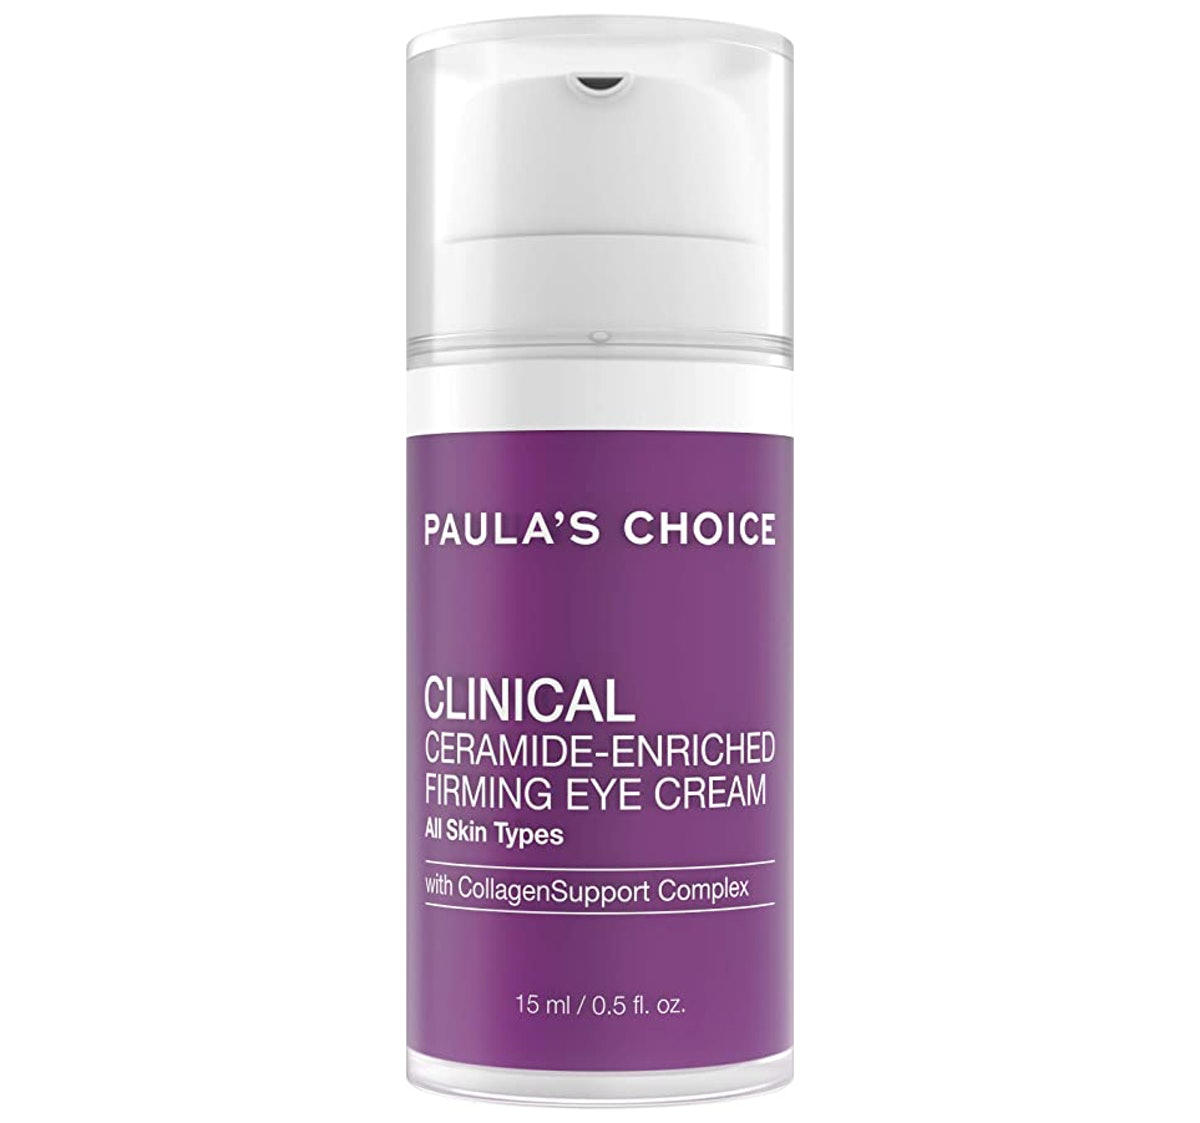 Paula's Choice CLINICAL Ceramide Firming Eye Cream